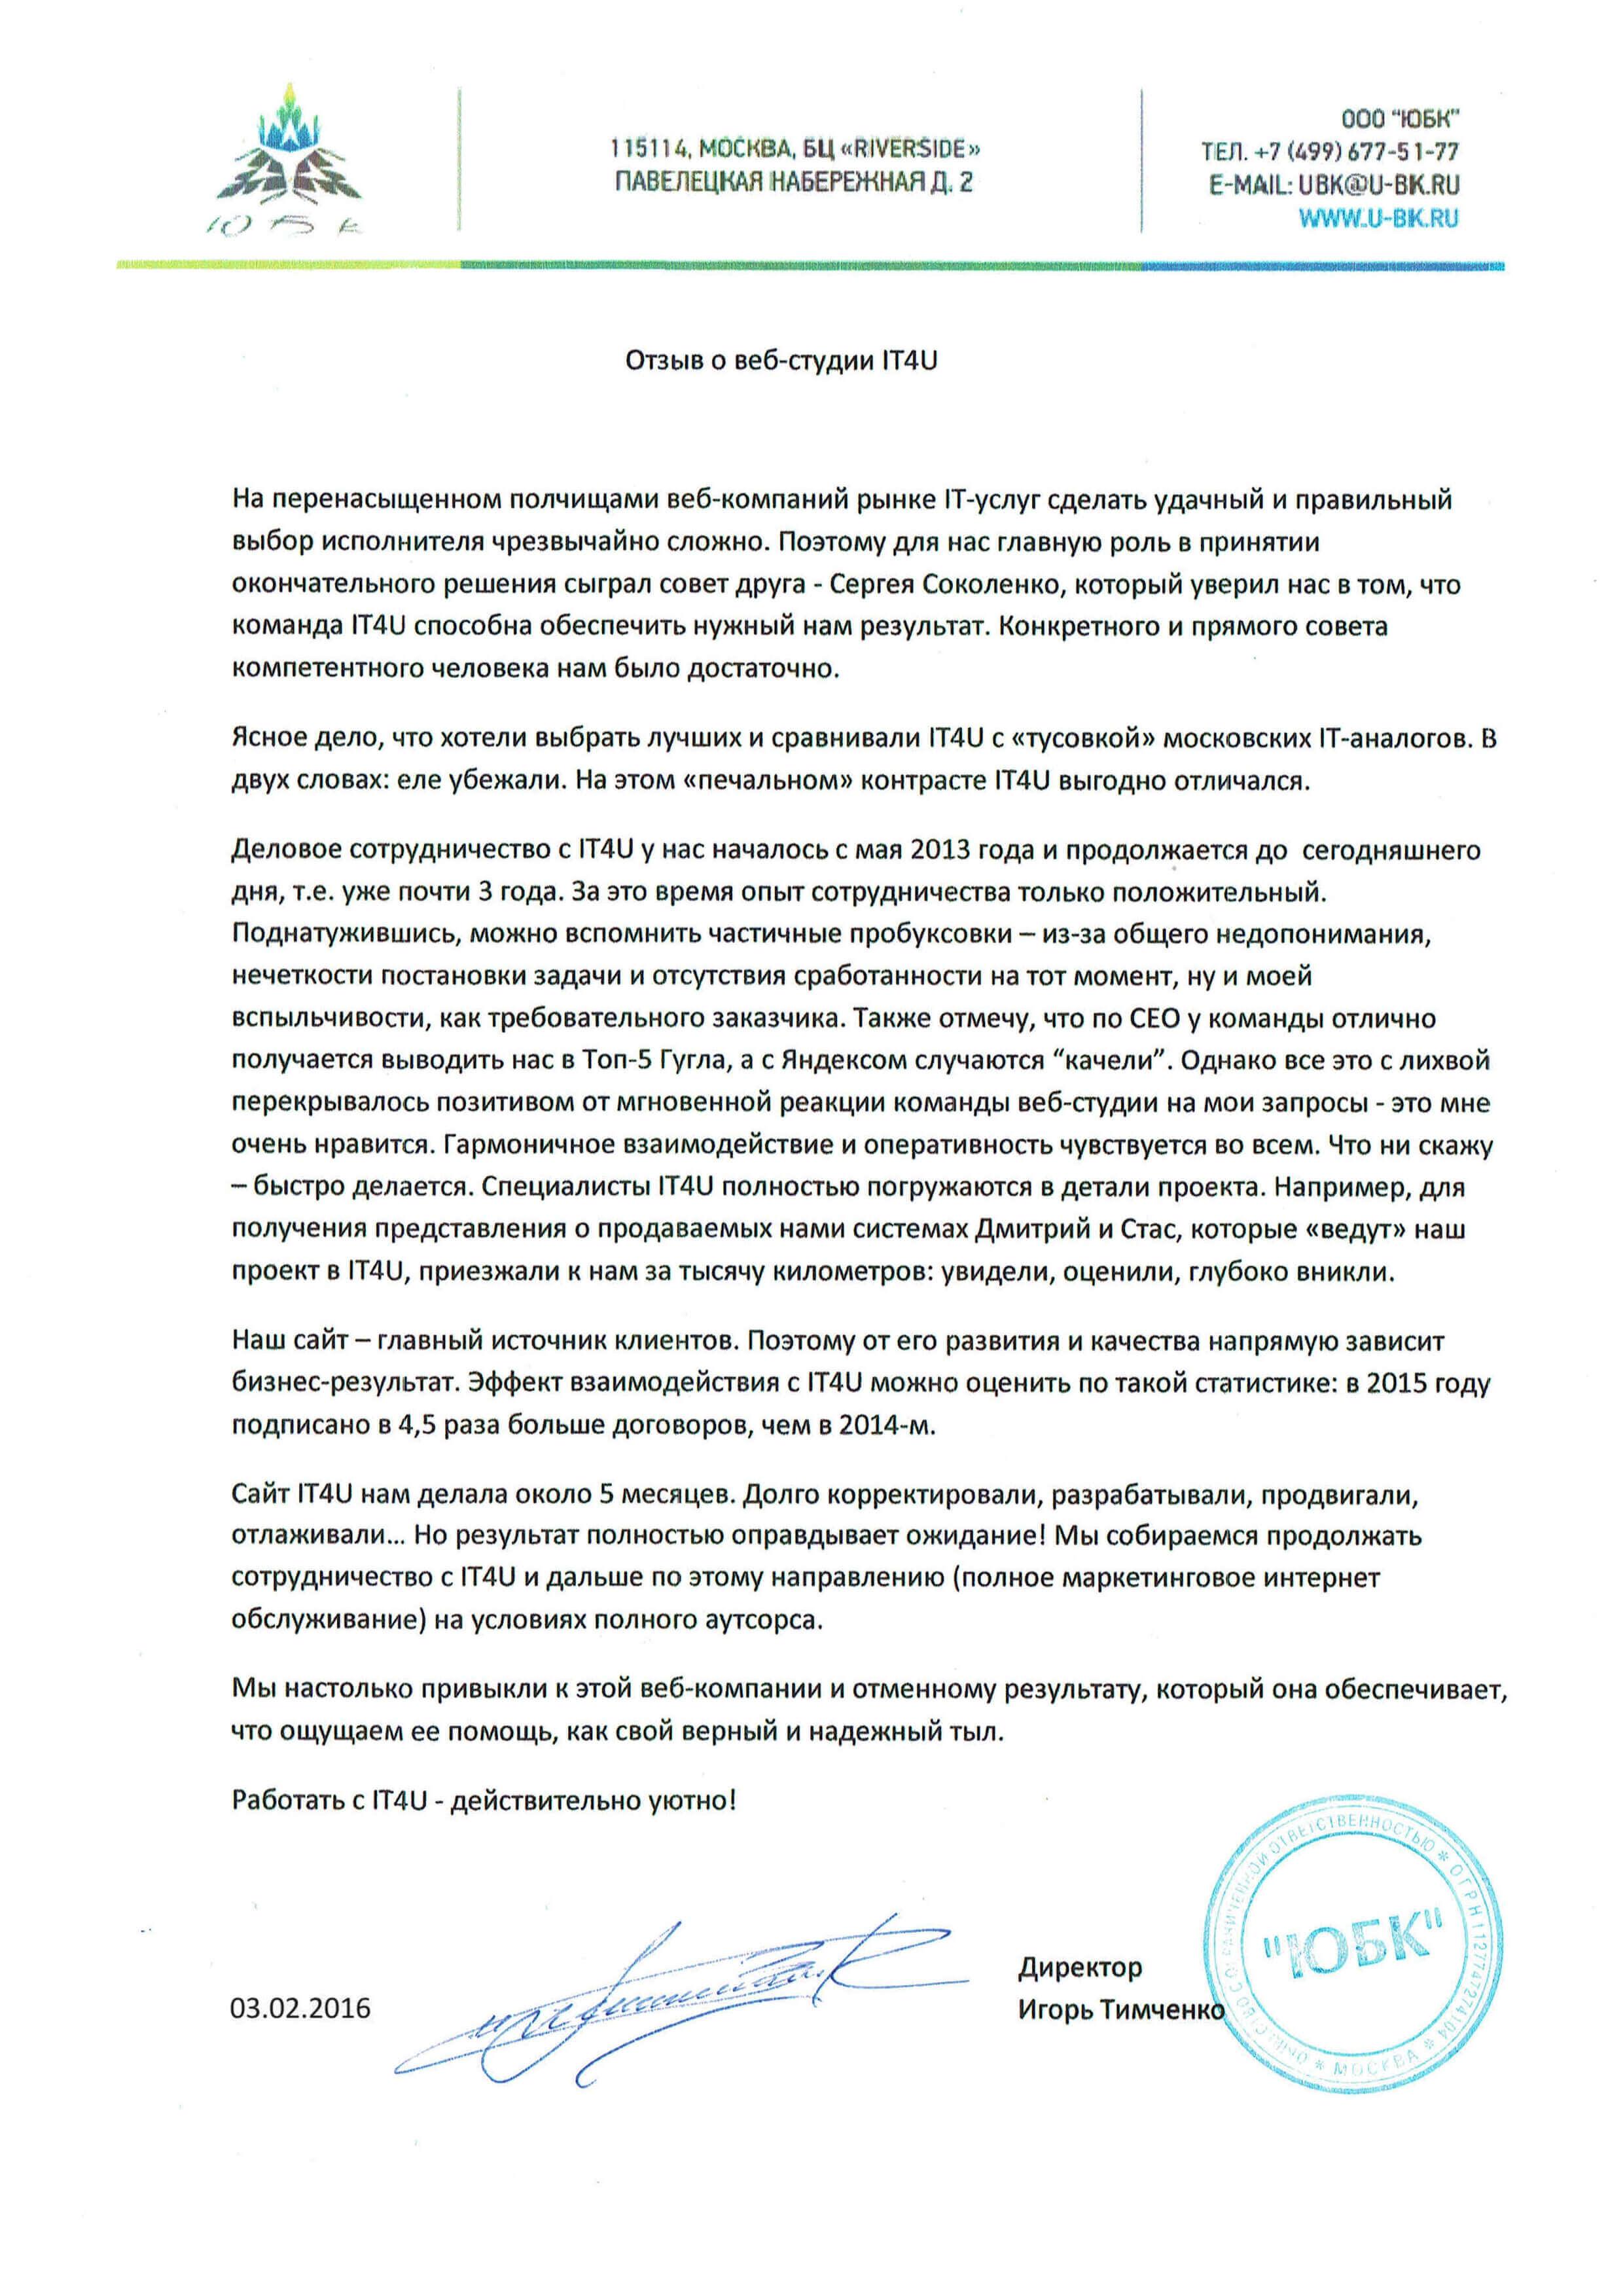 Отзыв Игоря Тимченко (сайт u-bk.ru) о работе с веб студией IT4U